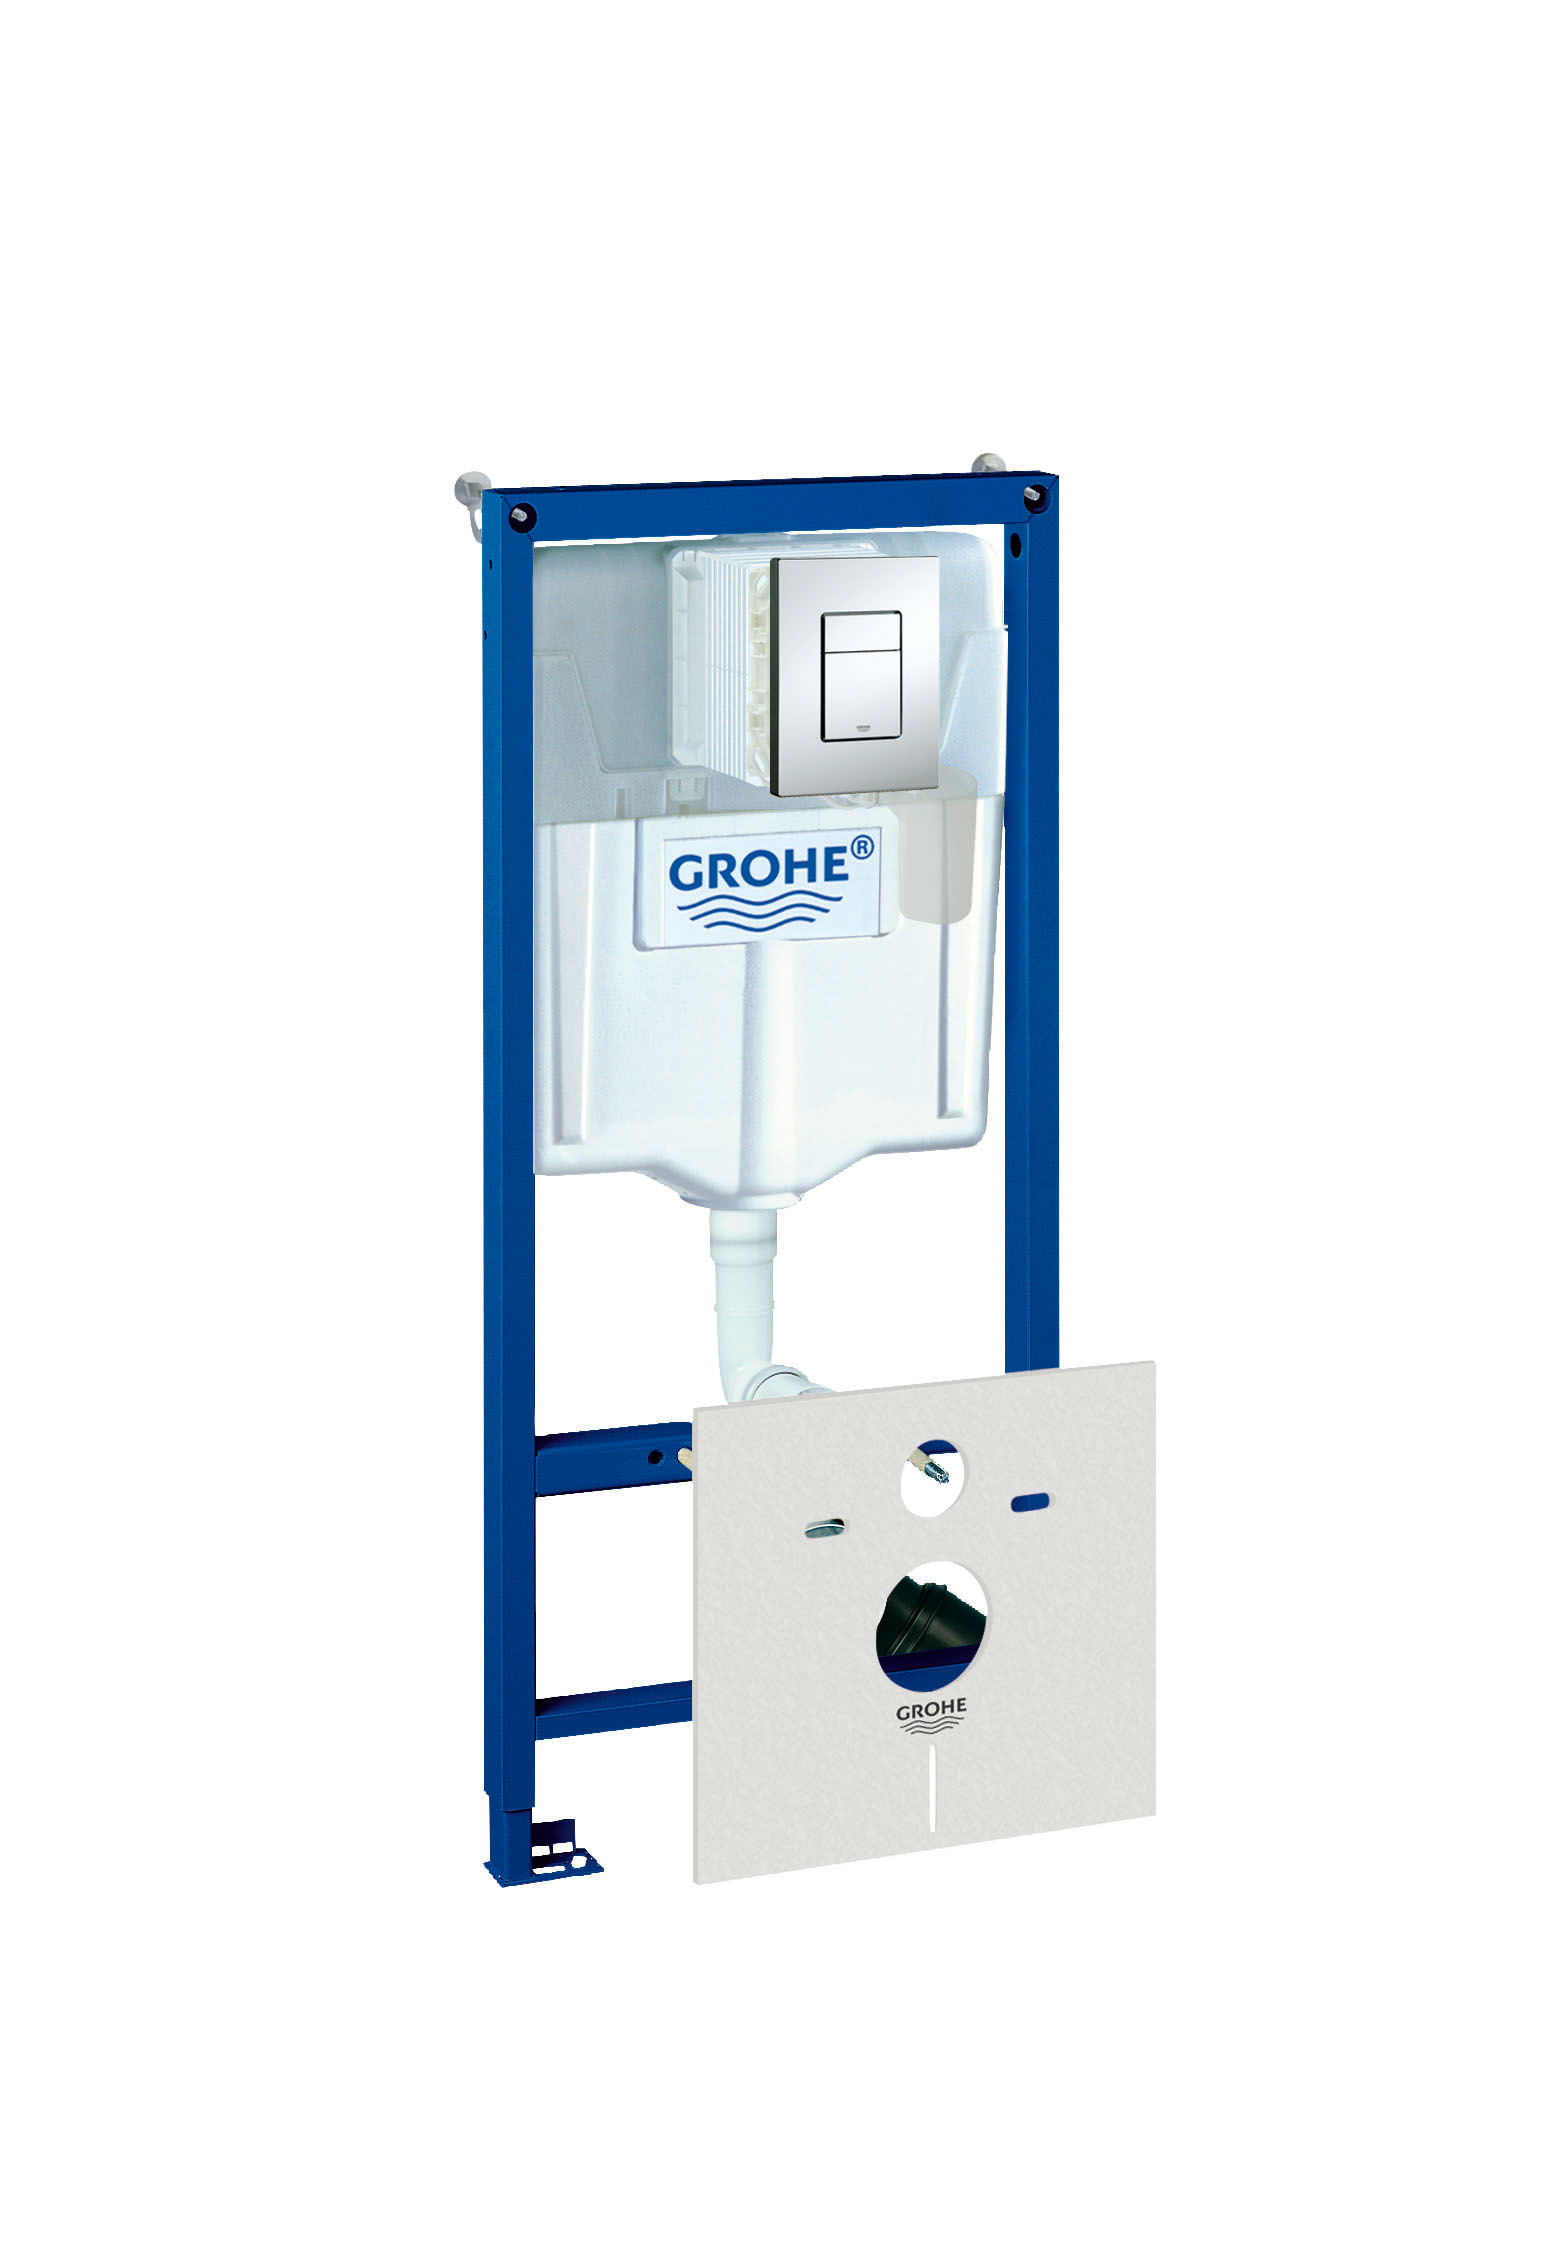 Инсталляция для унитаза Grohe Rapid sl 38827000 инсталляция grohe rapid sl 38840000 для подвесного унитаза